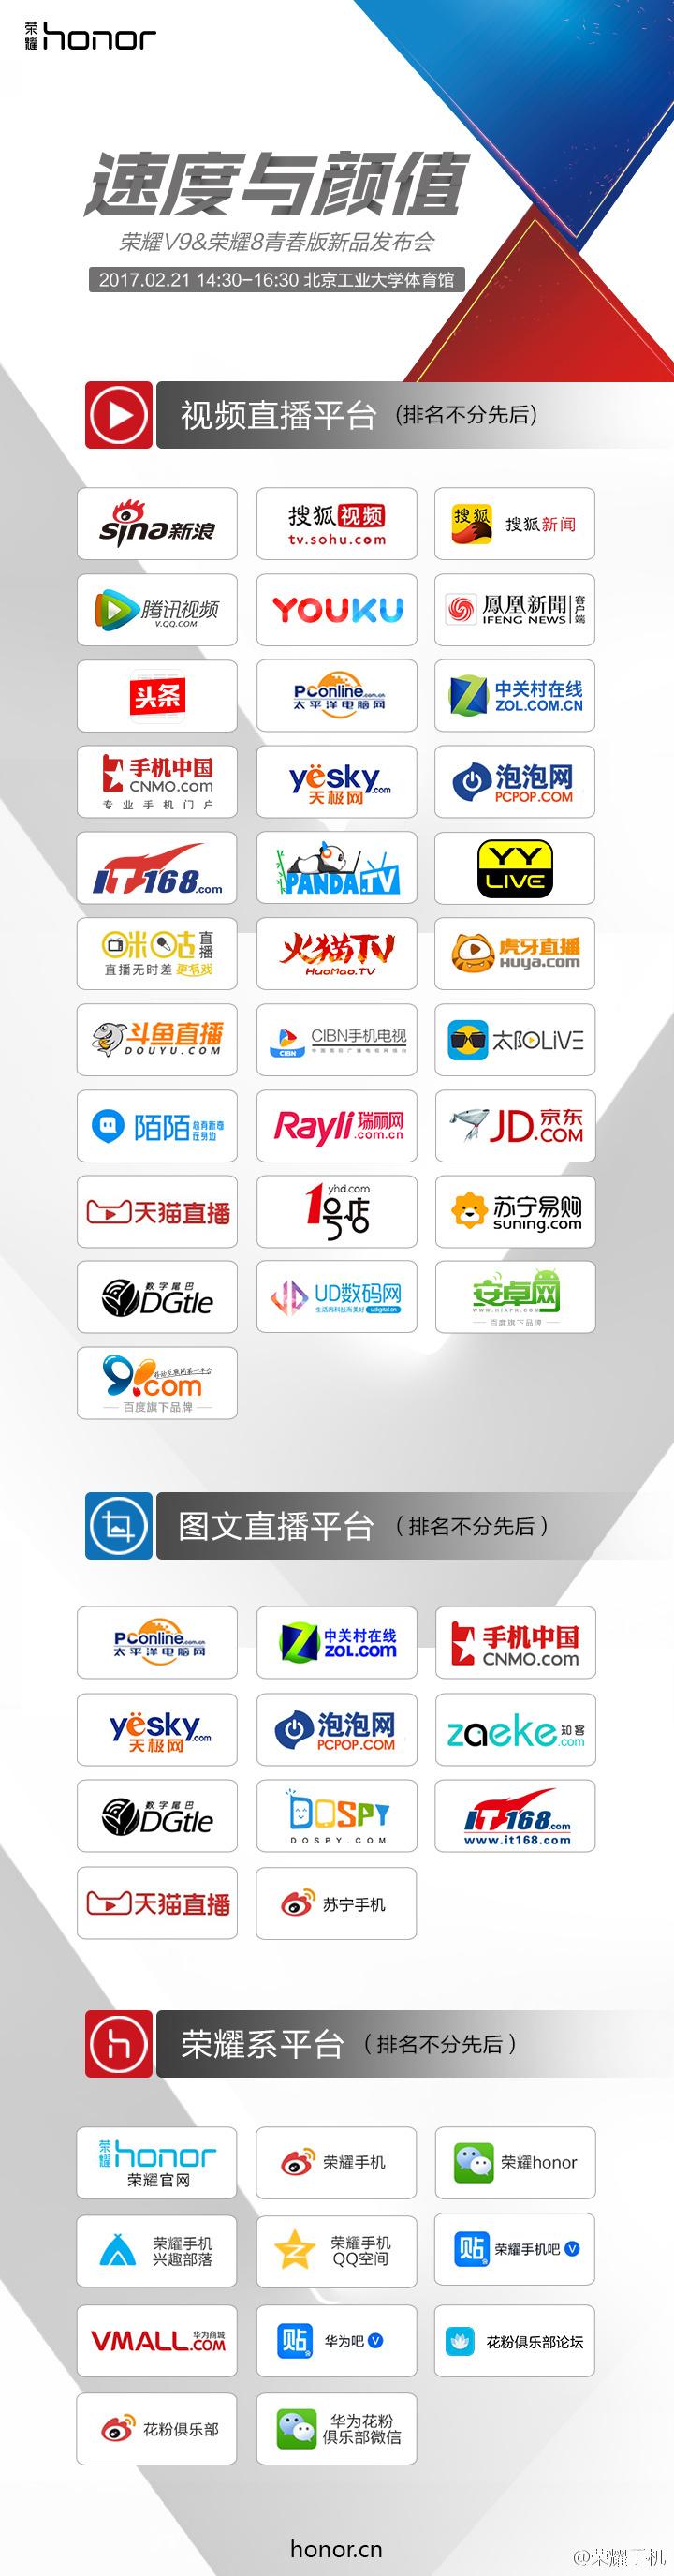 #荣耀V9#&#荣耀8青春版#新品发布会直播平台汇总